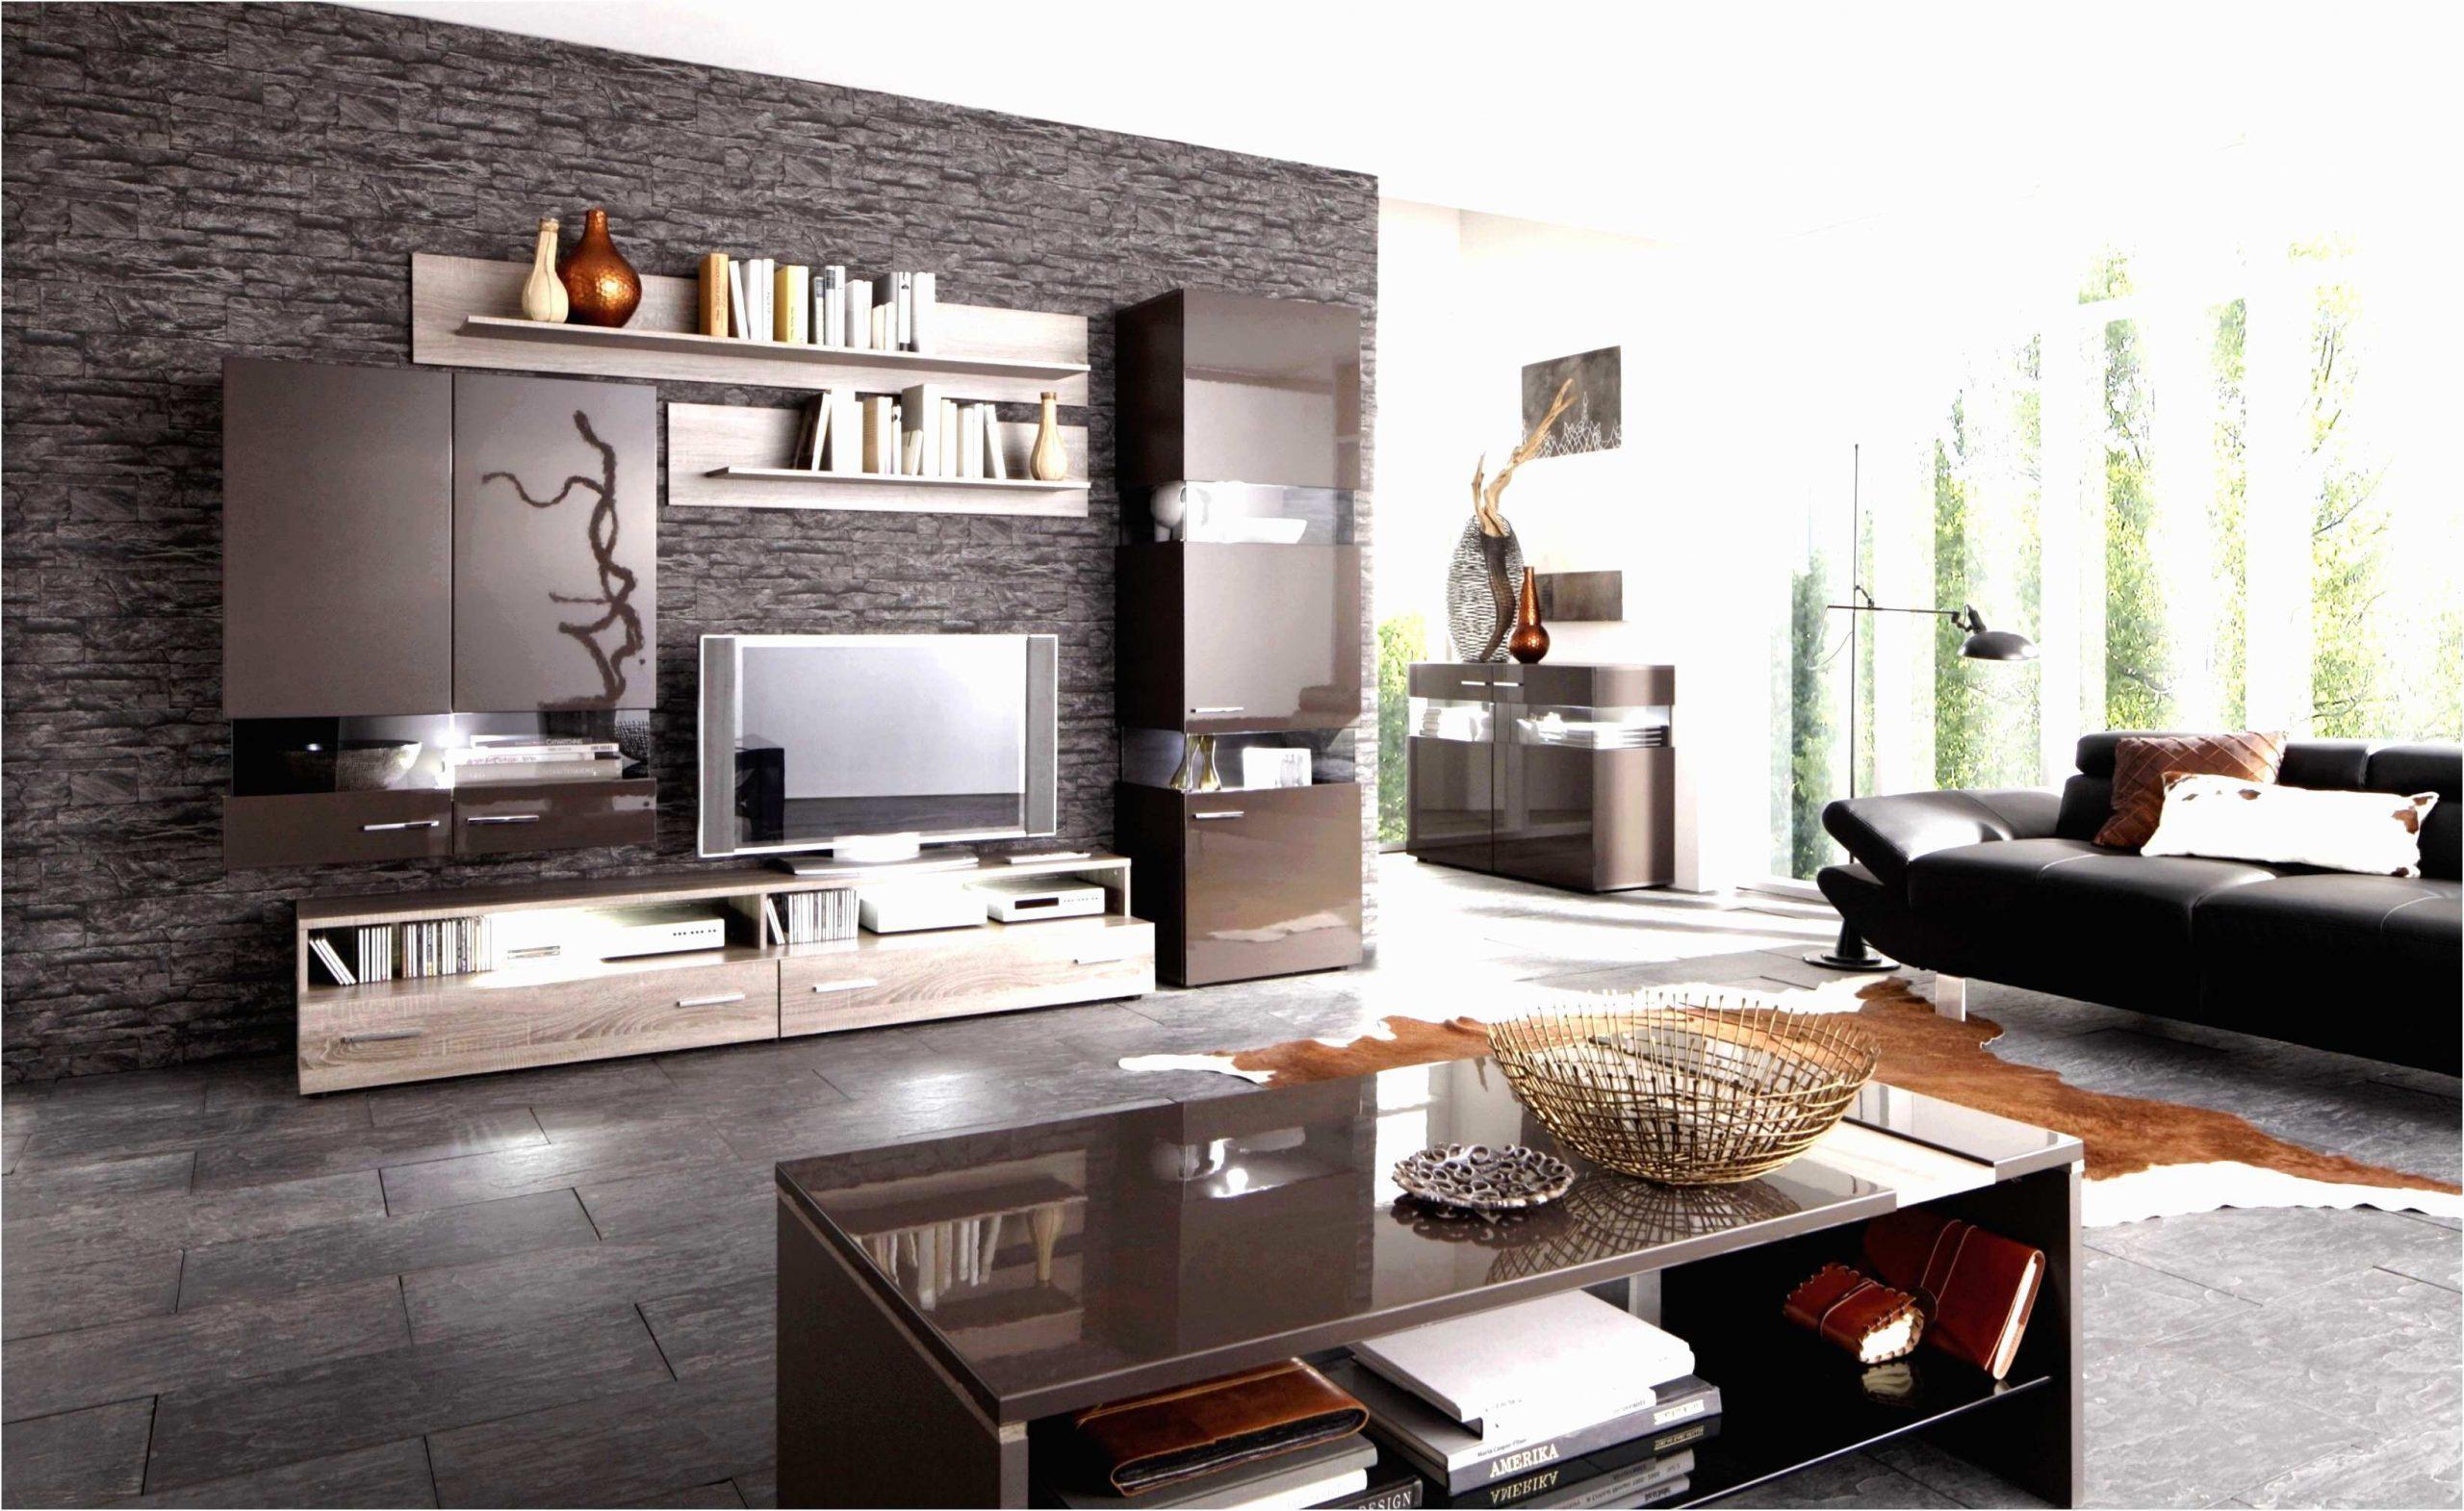 Full Size of 3d Tapeten 59 Genial Wohnzimmer Frisch Tolles Ideen Fototapeten Für Die Küche Schlafzimmer Wohnzimmer 3d Tapeten